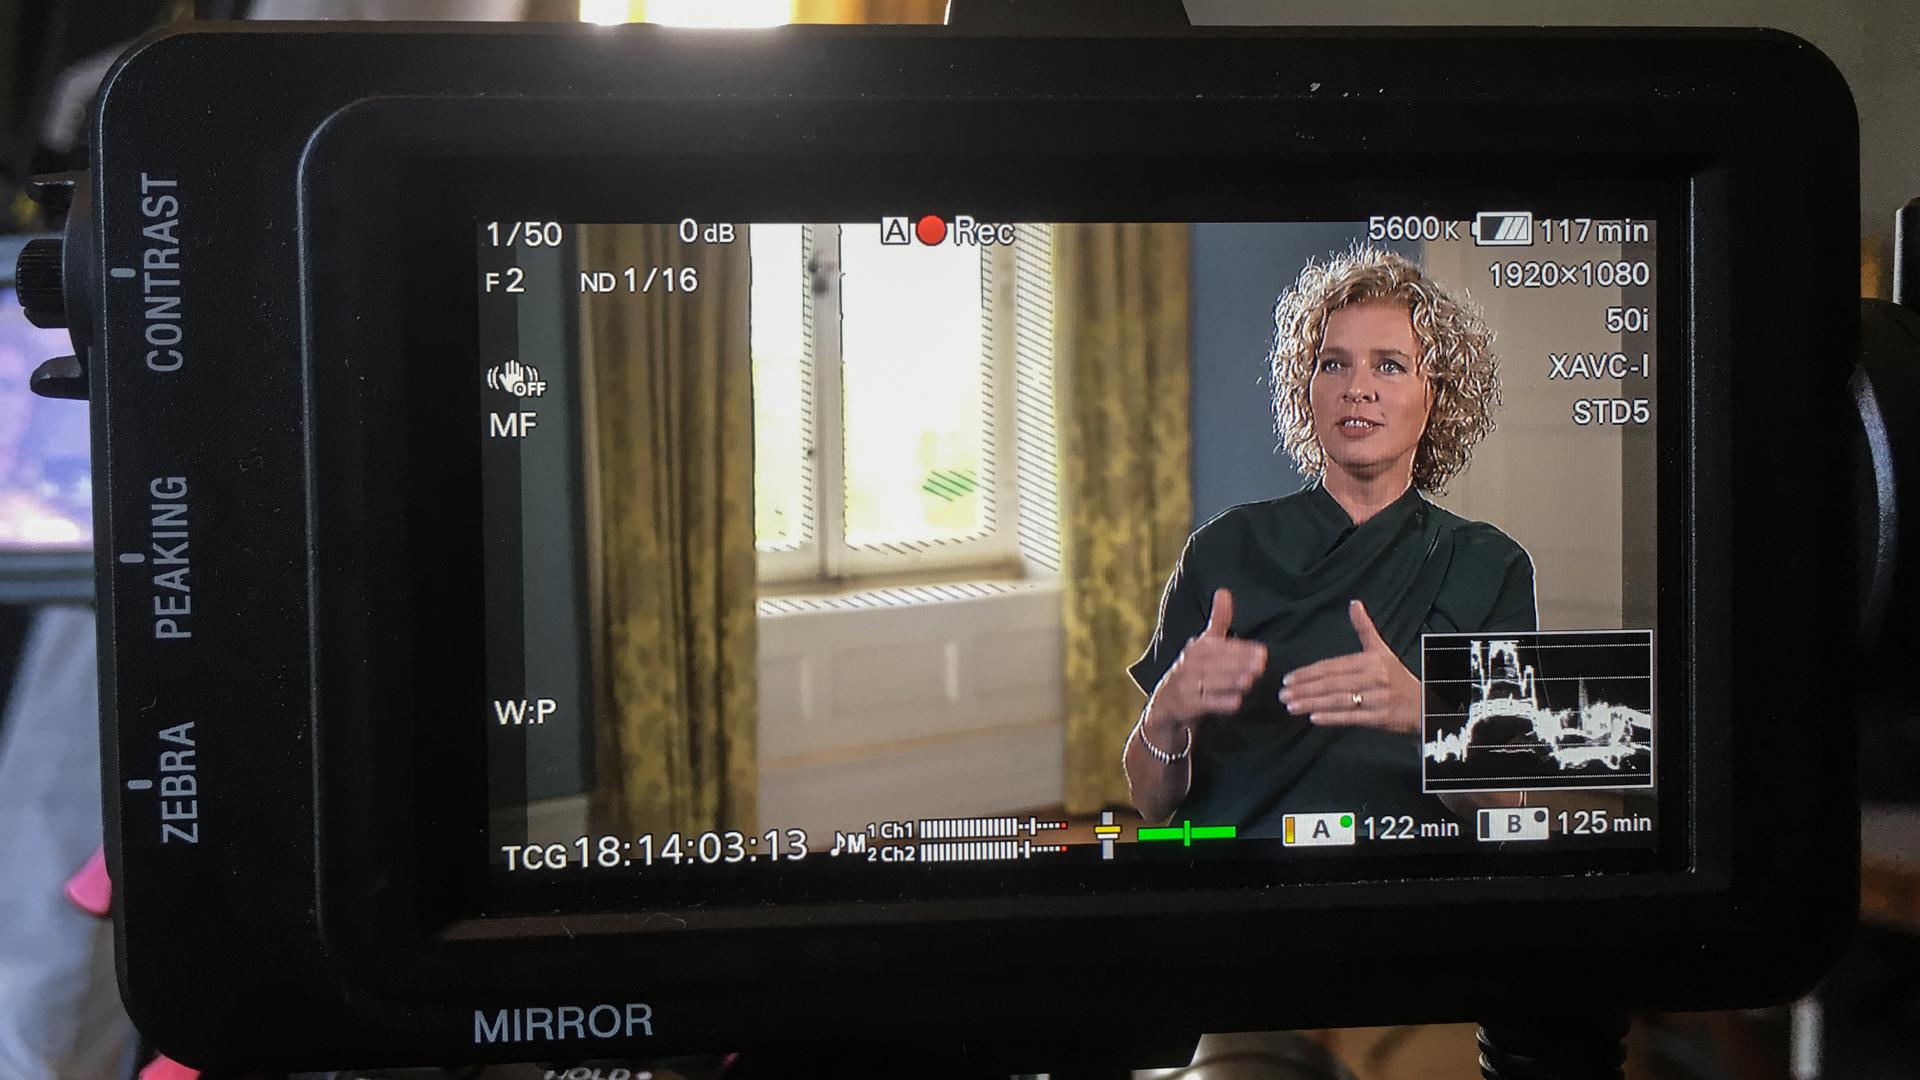 Diana dokumentation for Spiegel tv news